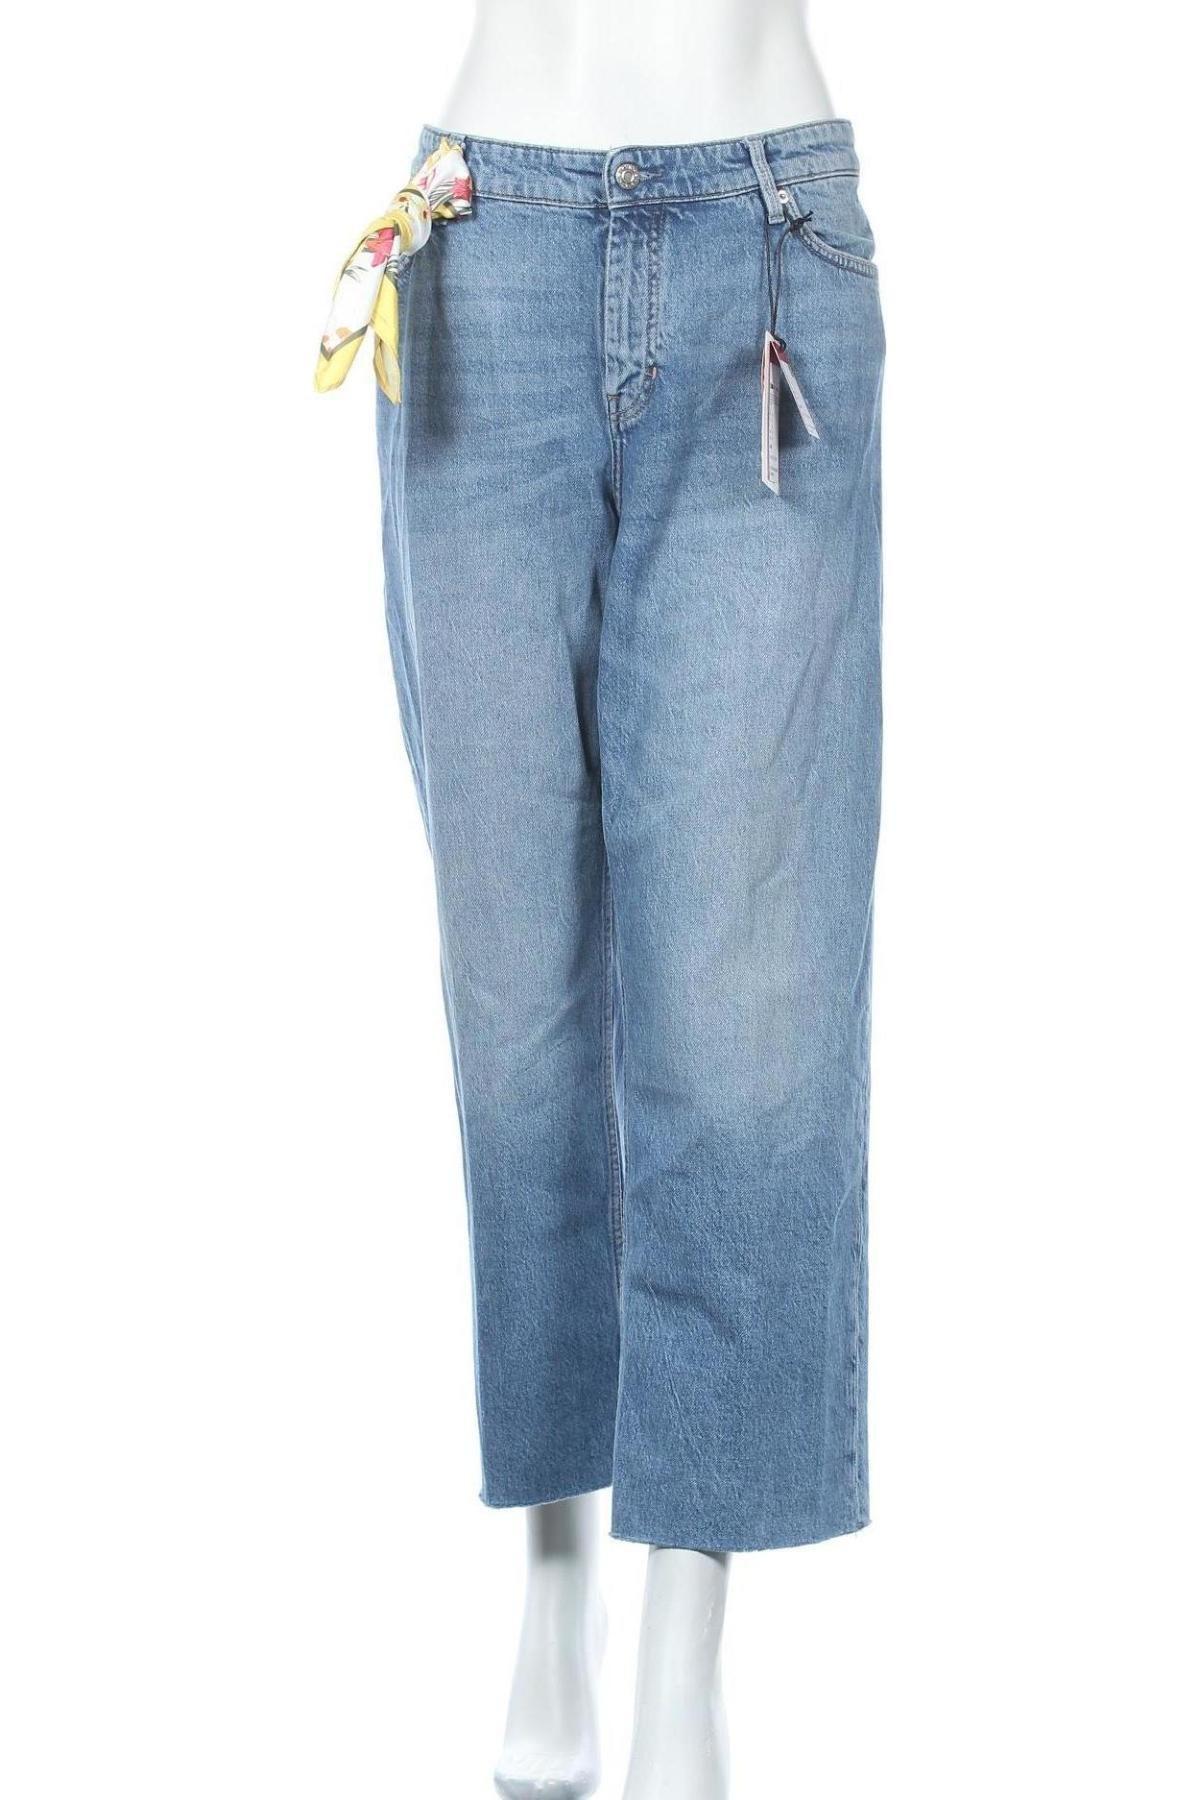 Дамски дънки S.Oliver, Размер XXL, Цвят Син, 99% памук, 1% еластан, Цена 66,75лв.